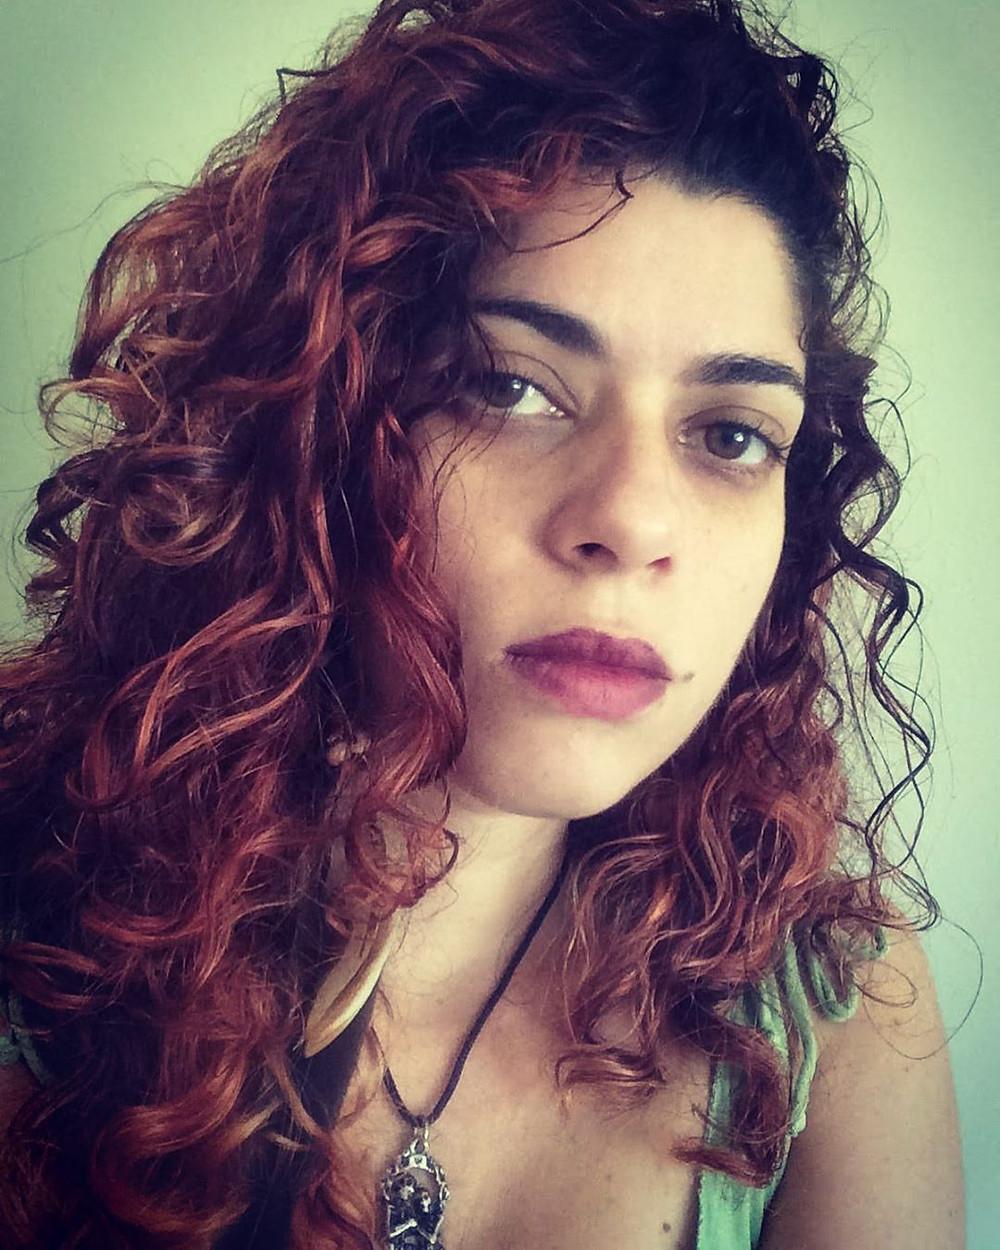 Foto de rosto da cantora lírica Patrícia Scagliusi olhando para a frente em fundo esverdeado.